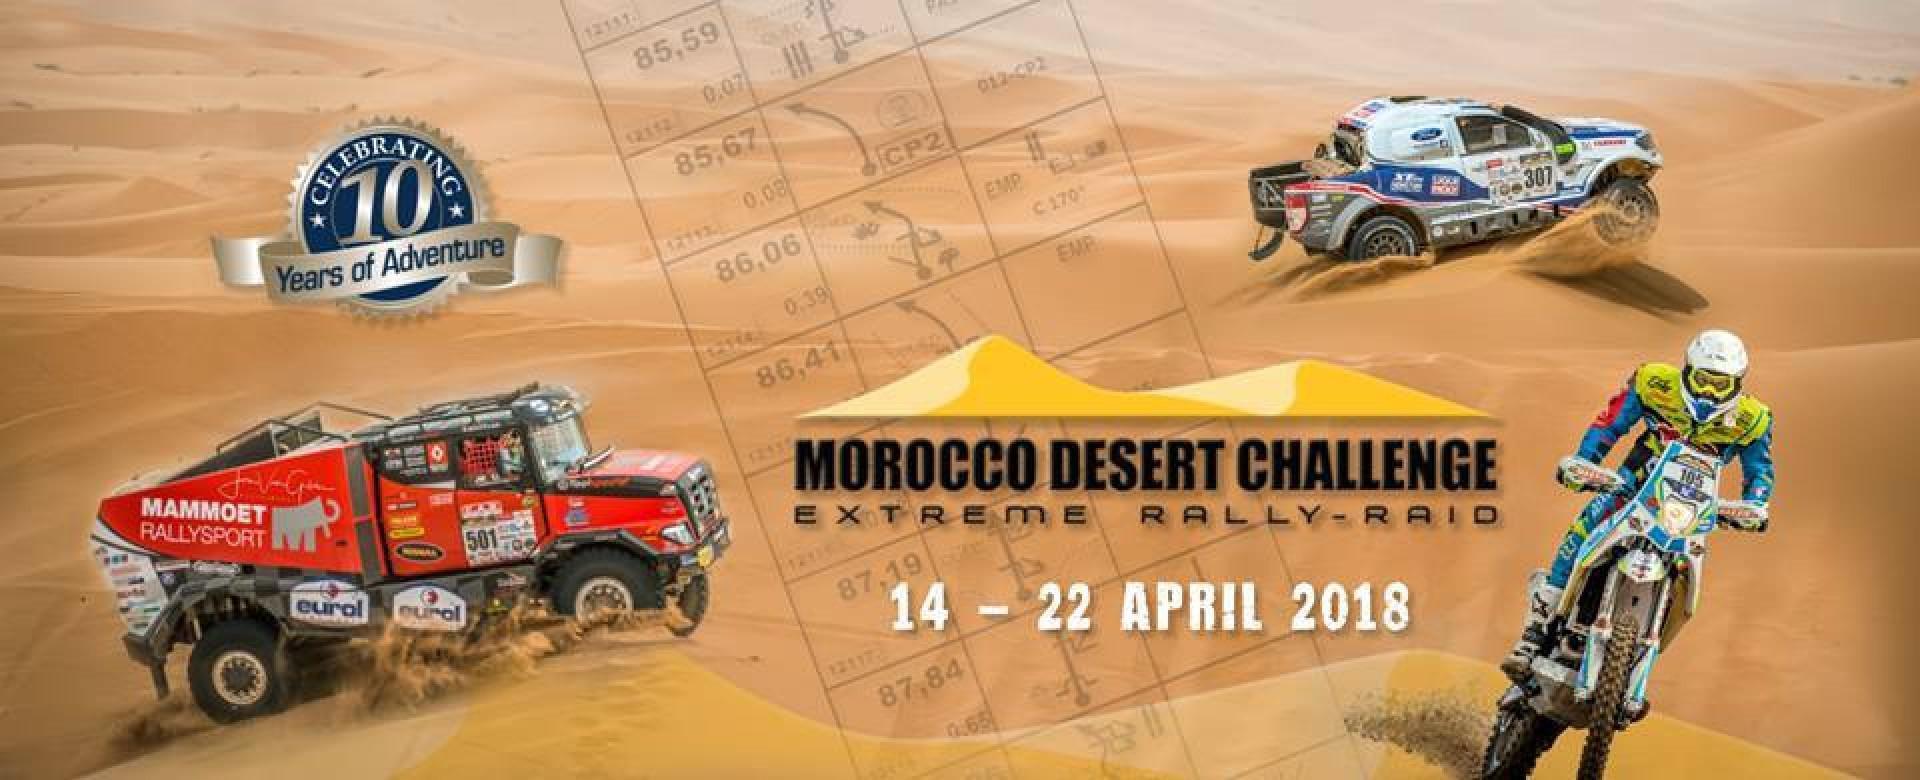 Agadir accueille le départ du MDC 2018, le 2ème plus grand rallye tout terrain au monde !